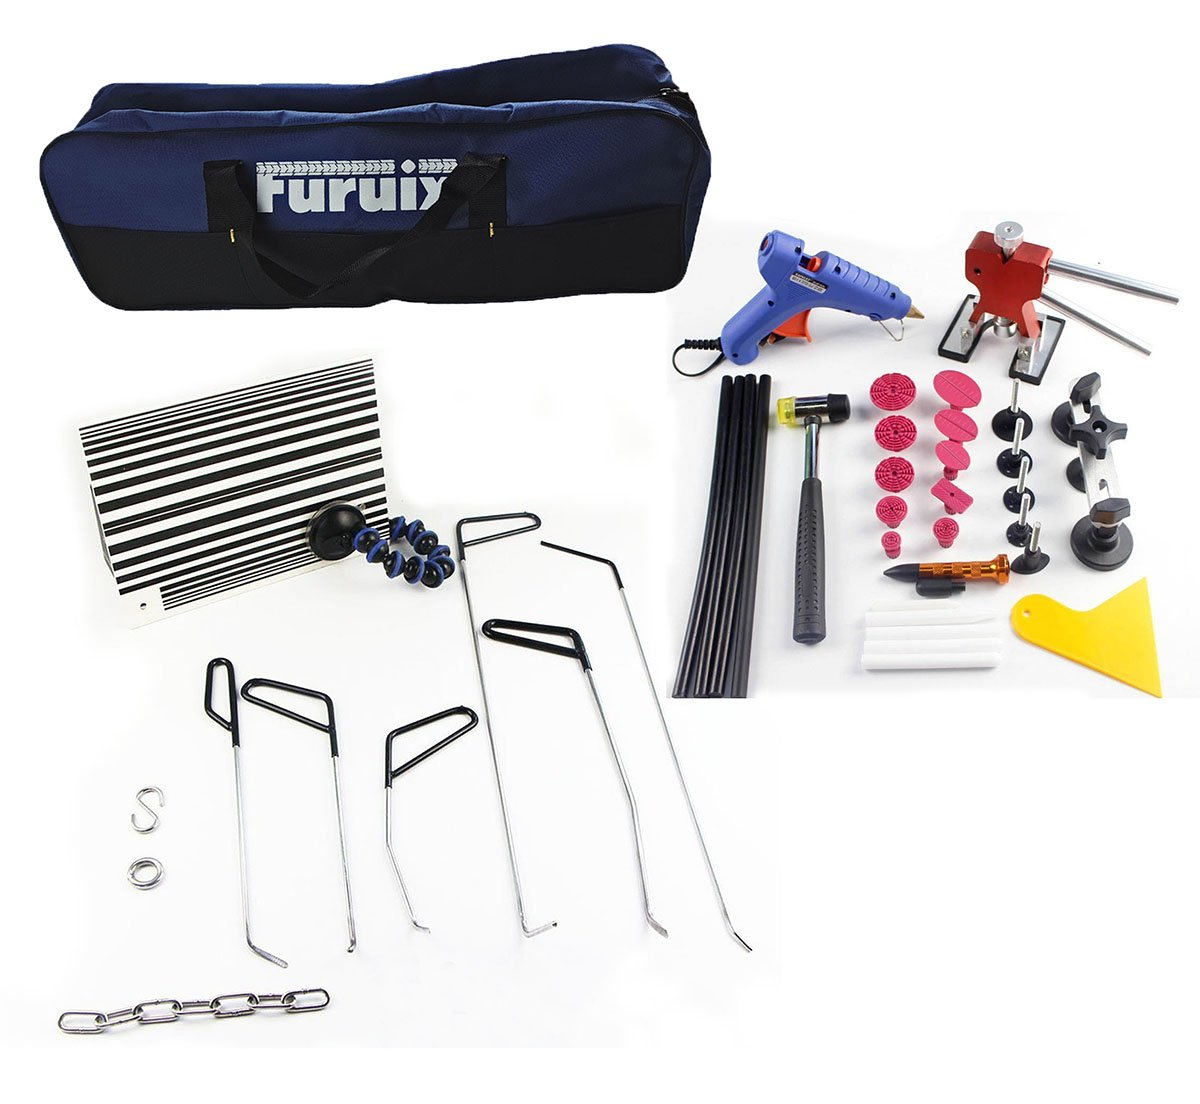 Furuix Auto Parts Repair Set Paintless Dent Repair Tools Dent Removal Hand tools Rods Car Dent Puller Auto Body Tools (352-CB-1)